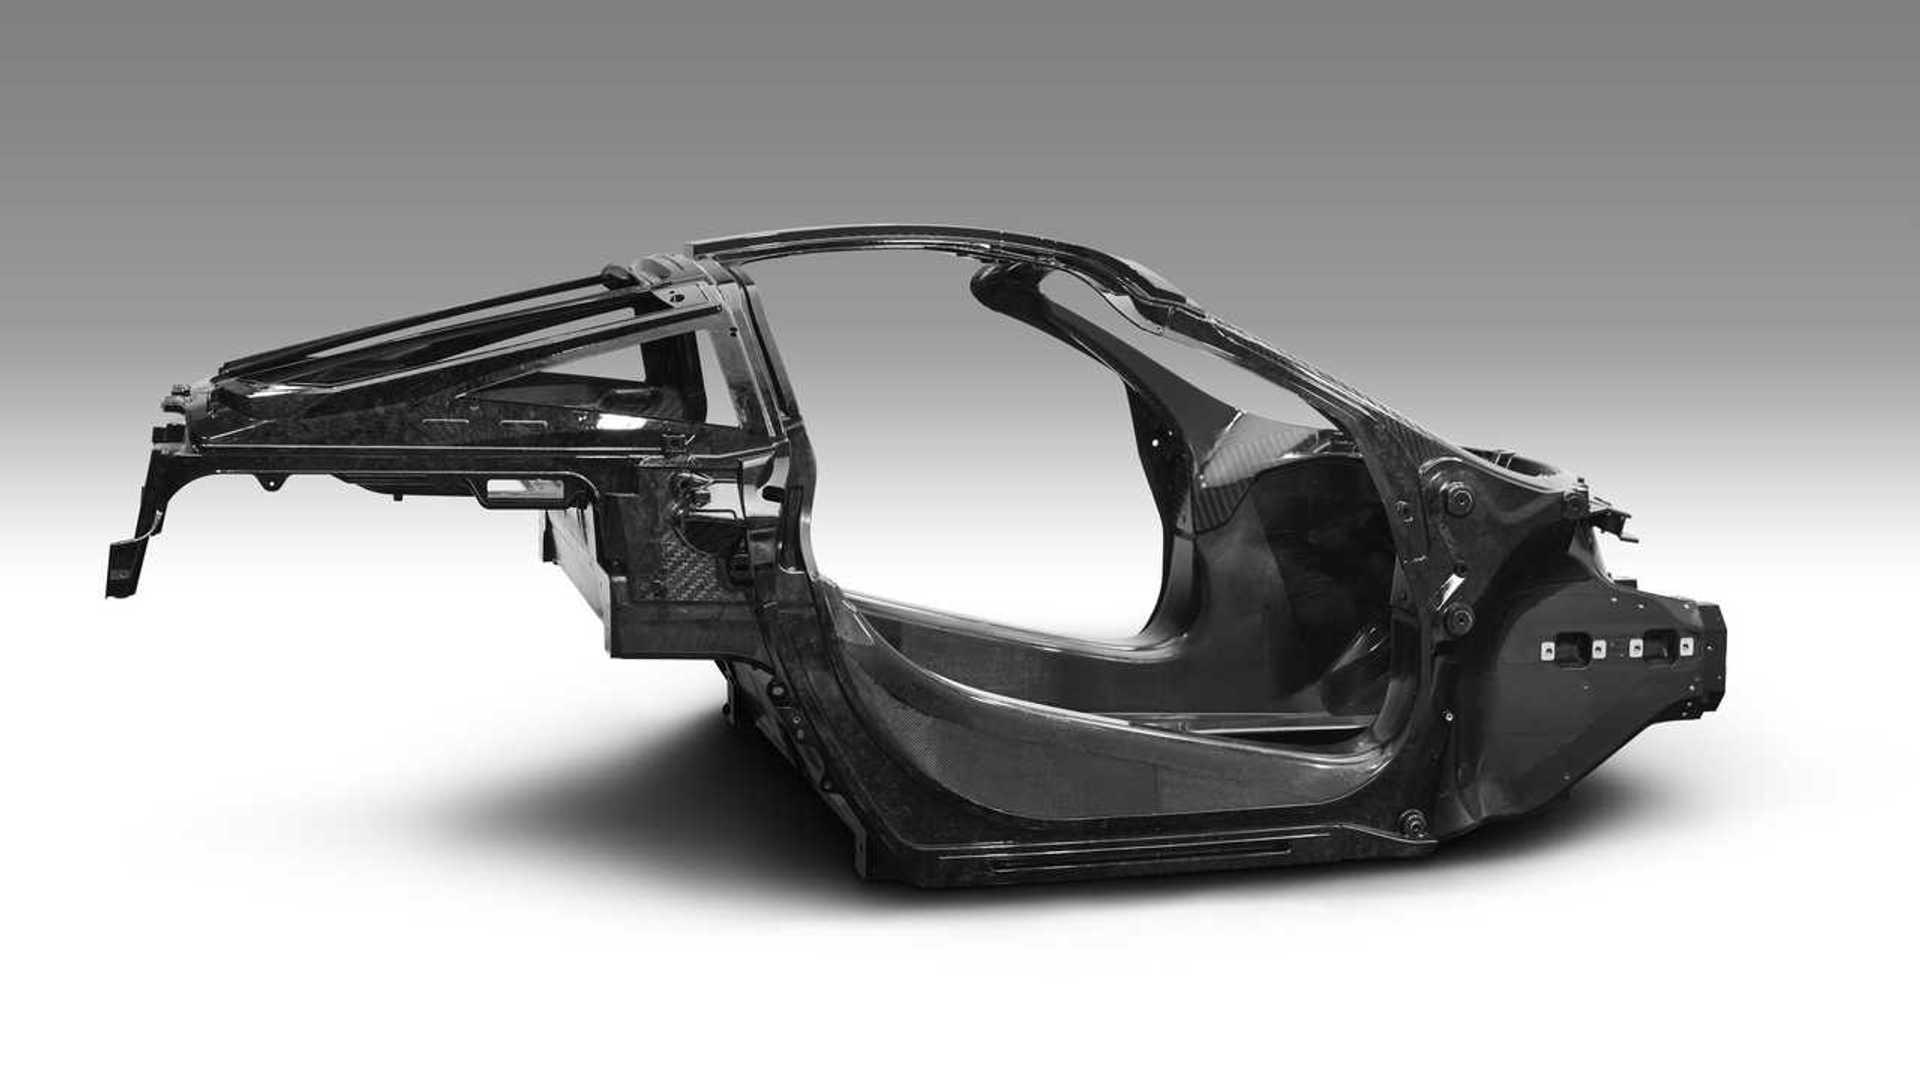 McLaren 765LT monocoque